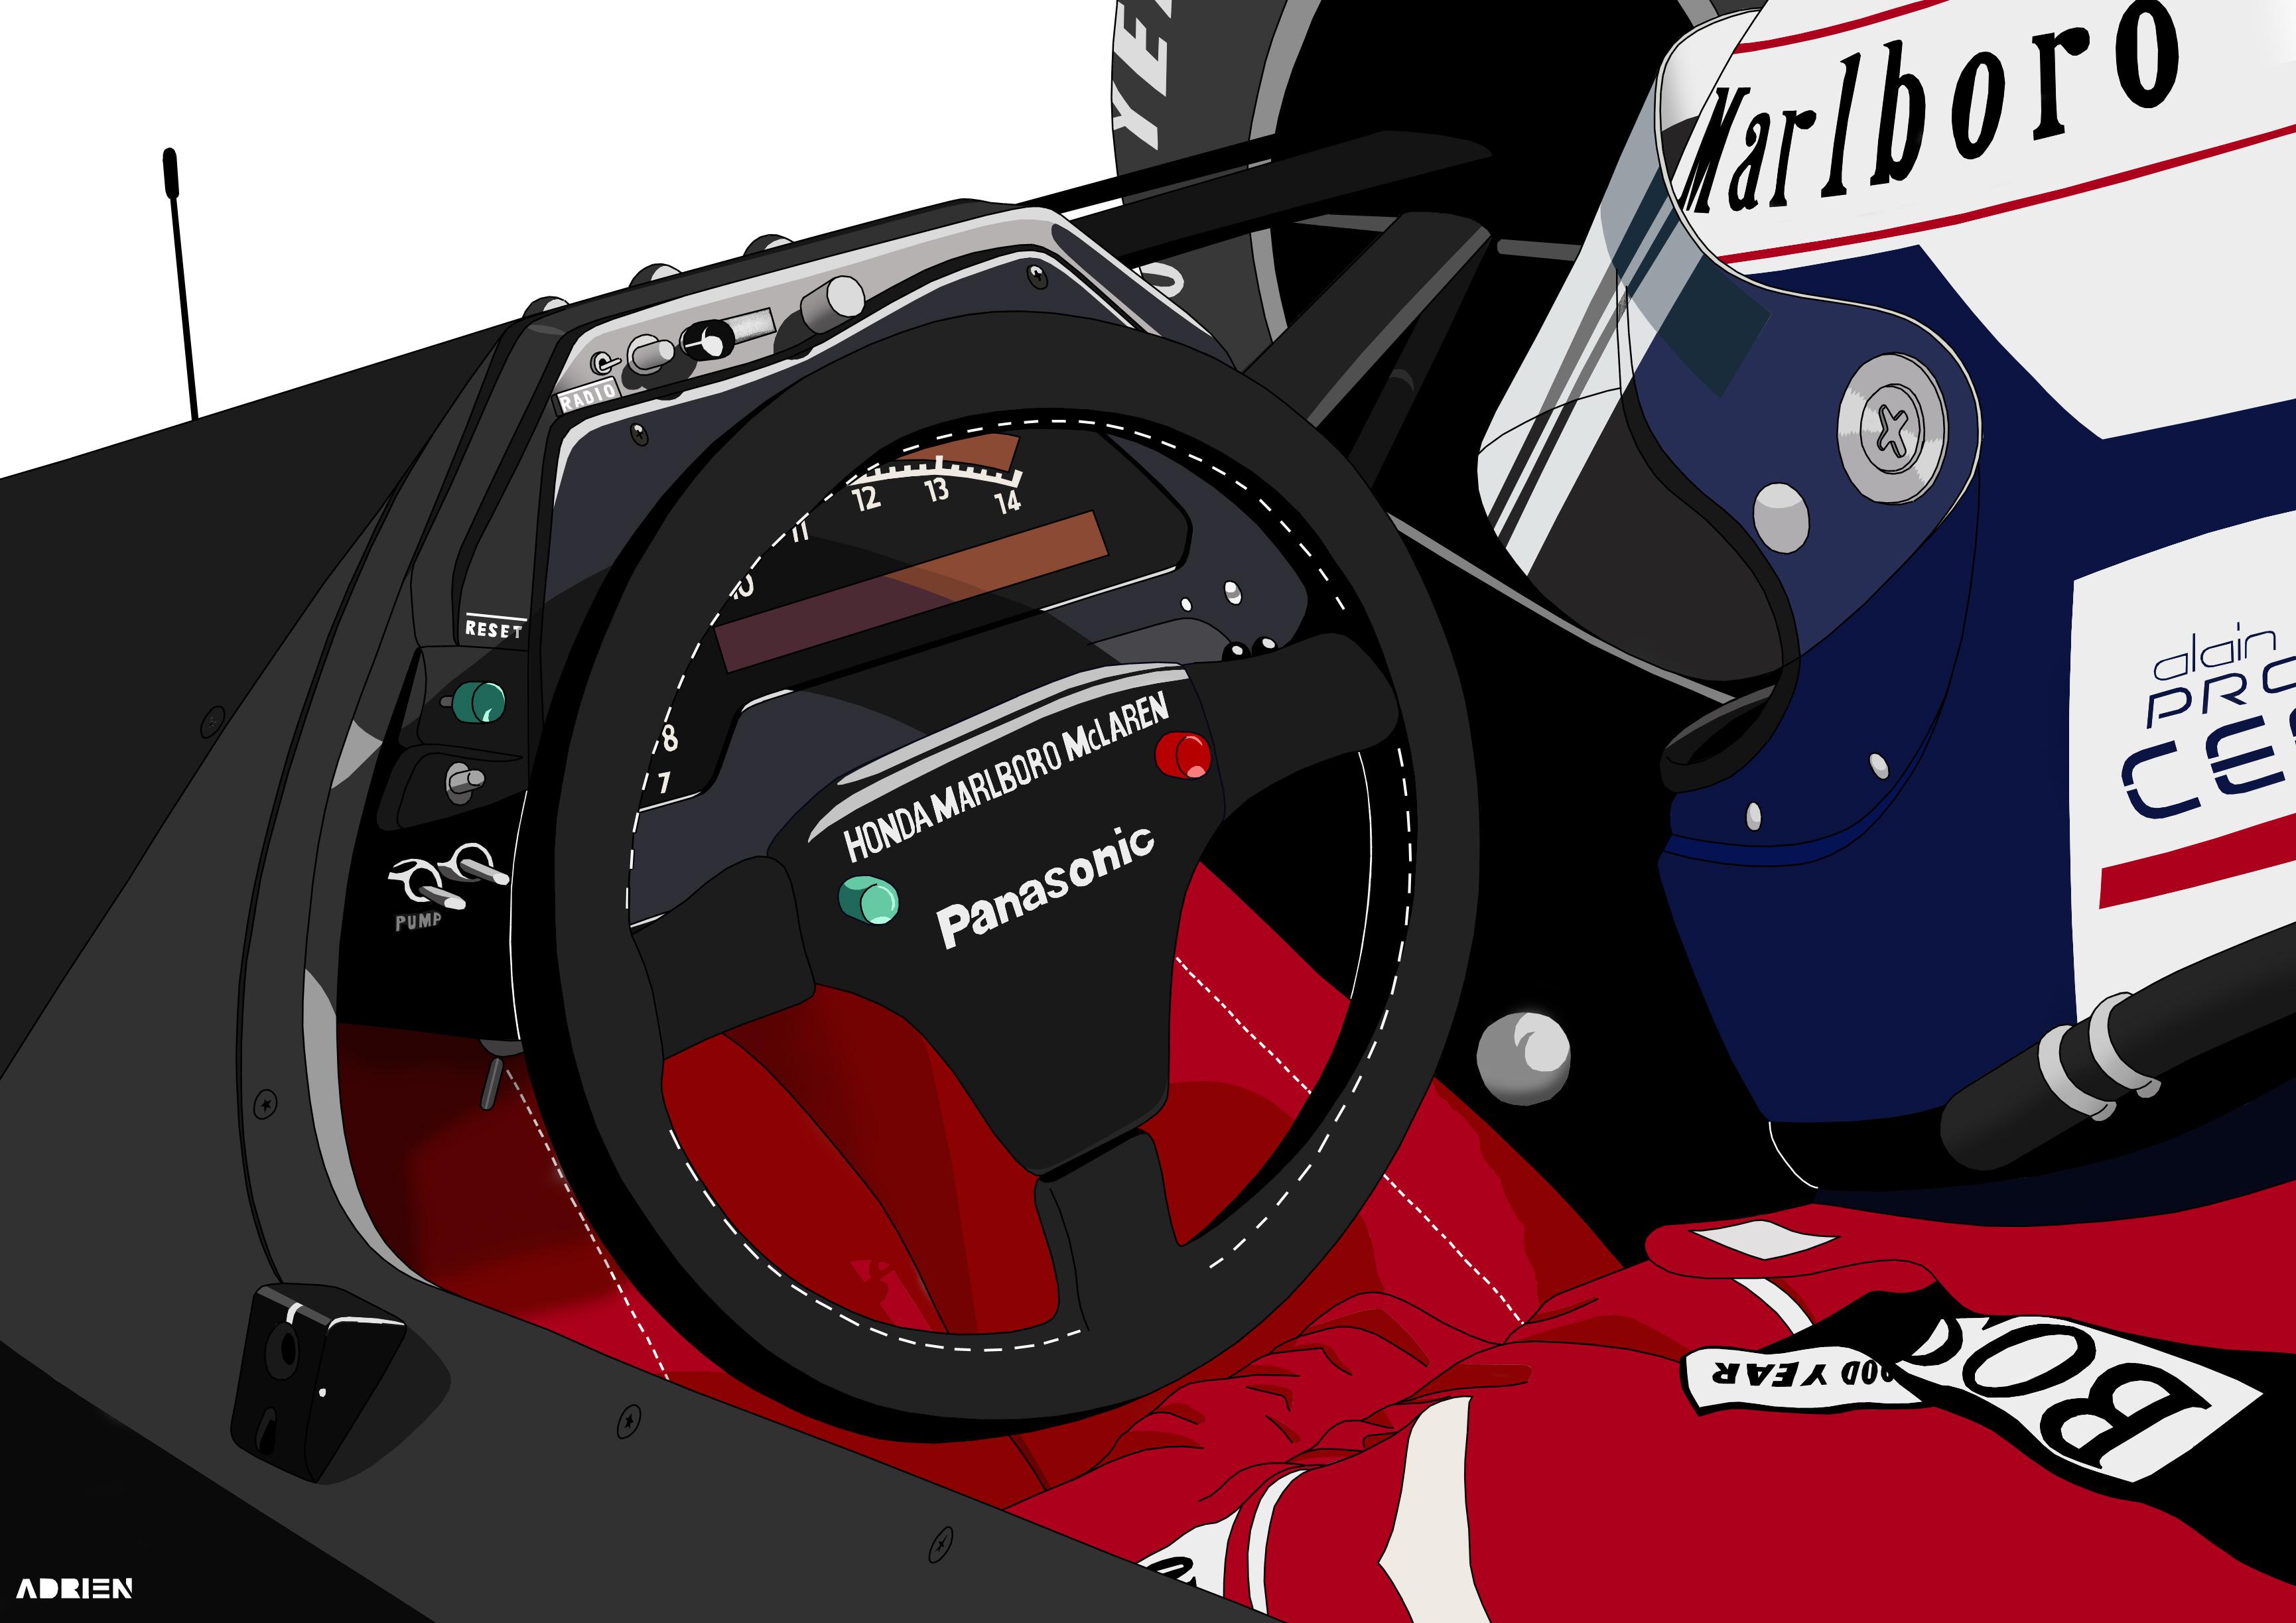 Dessin Alain Prost couleur de Adrien72140